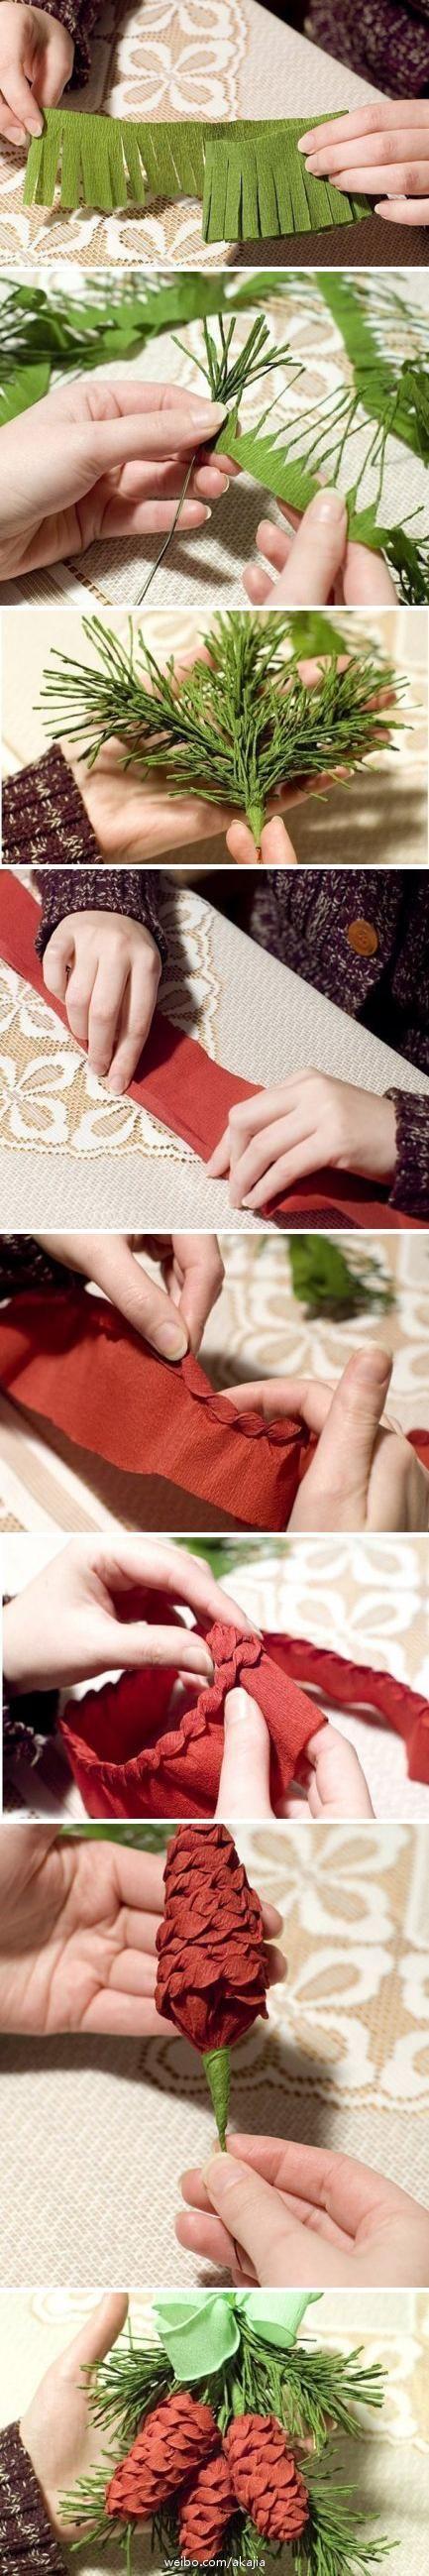 DIY Pine-cone tutorial